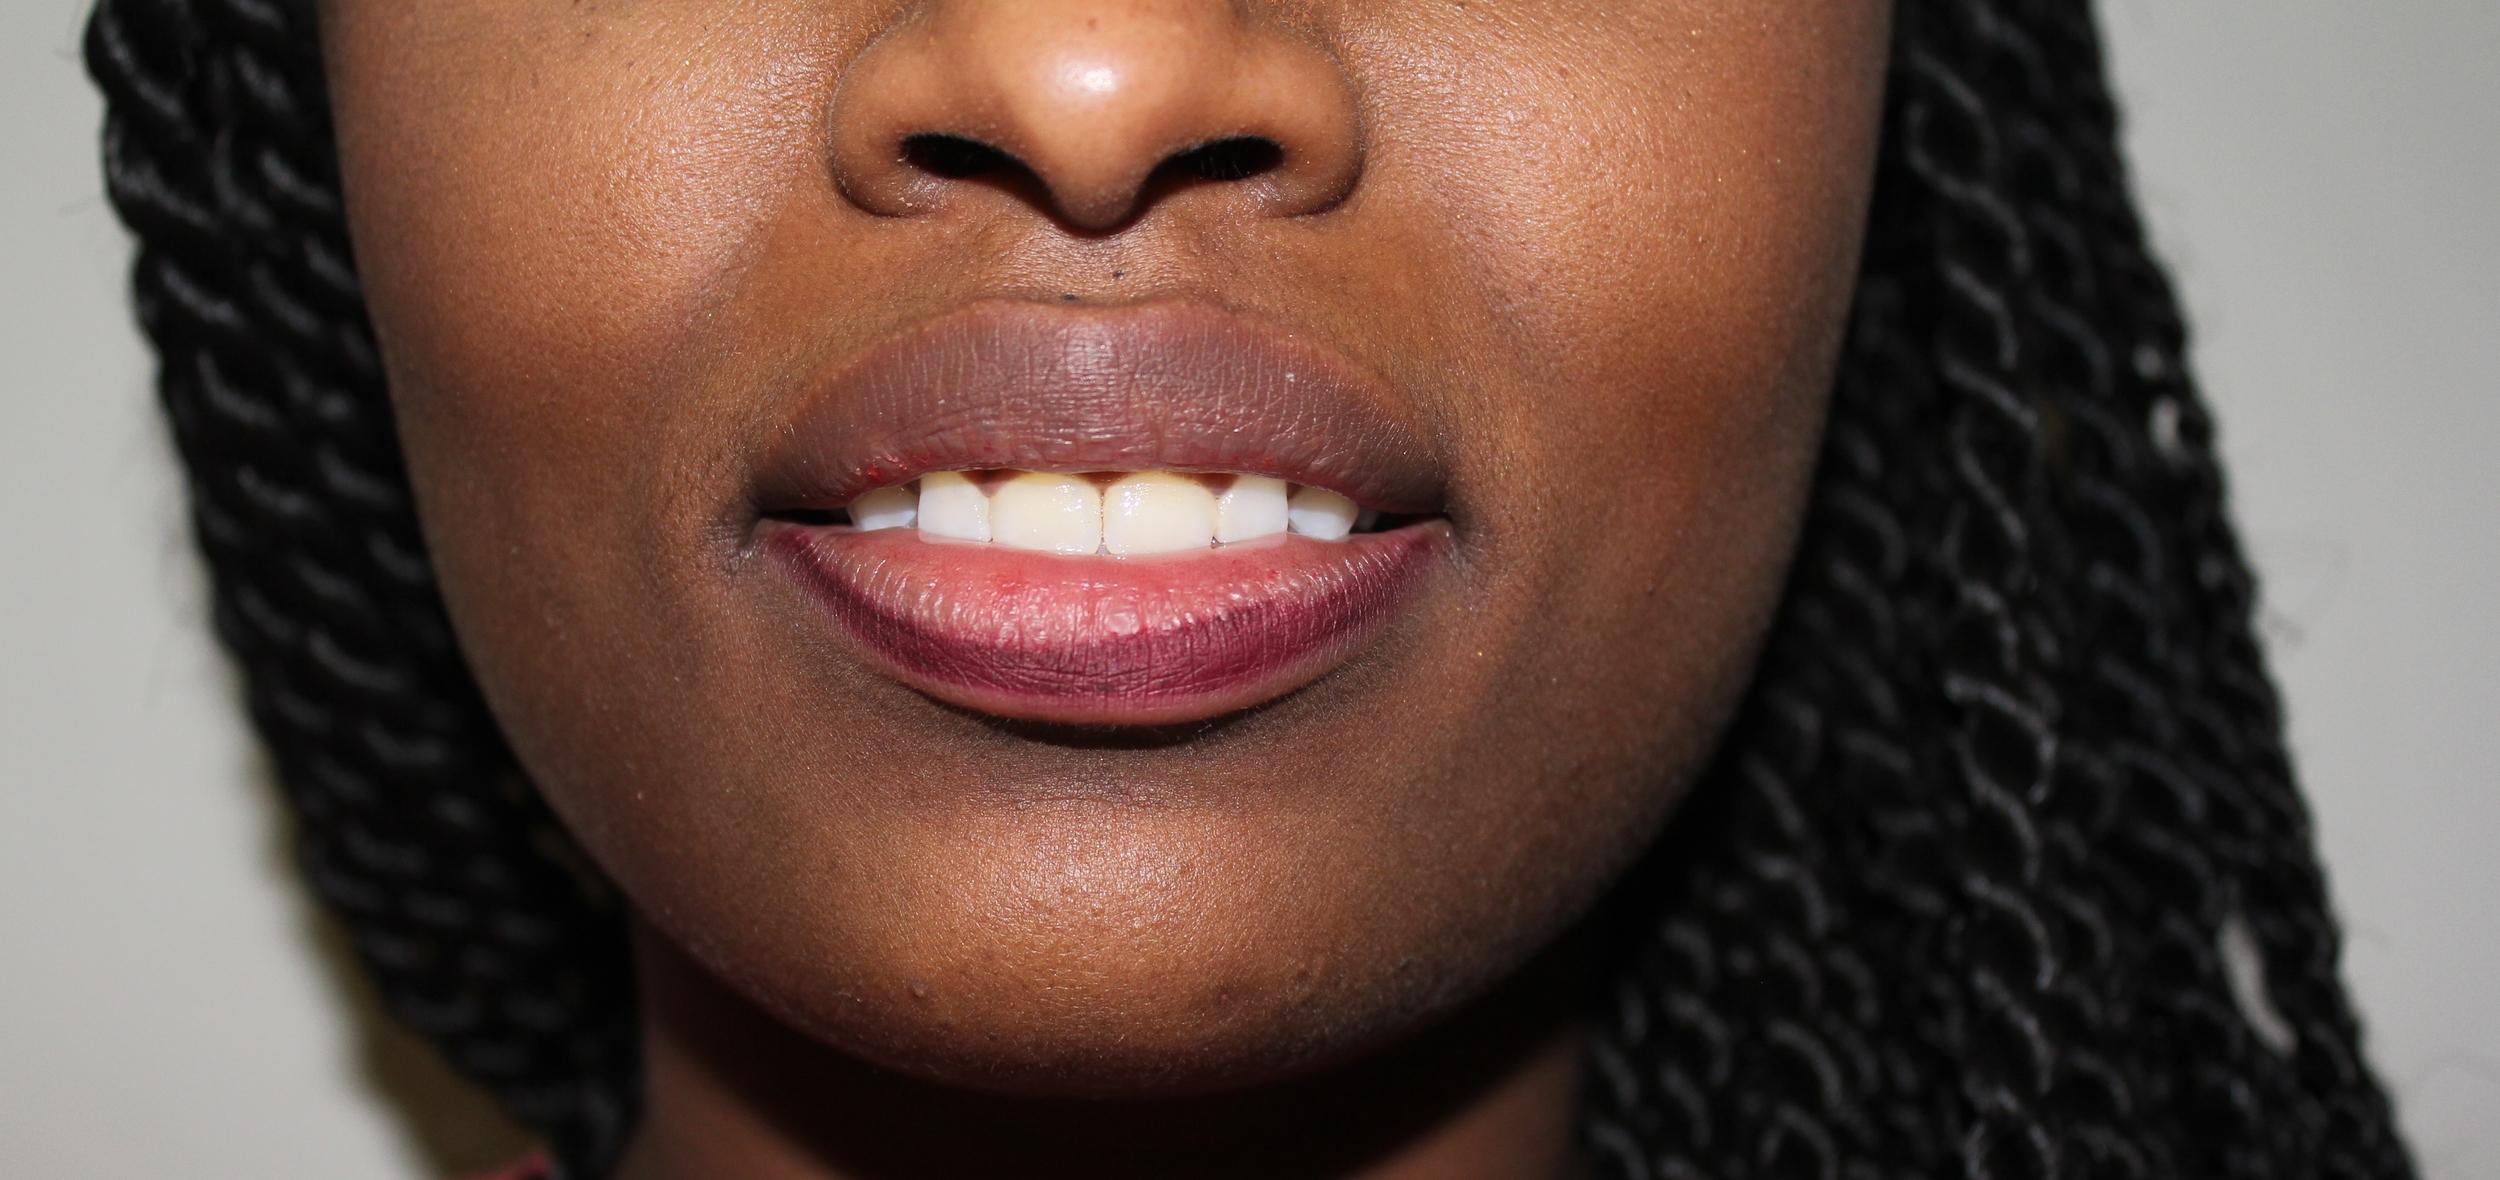 MAC Currant Lip Liner